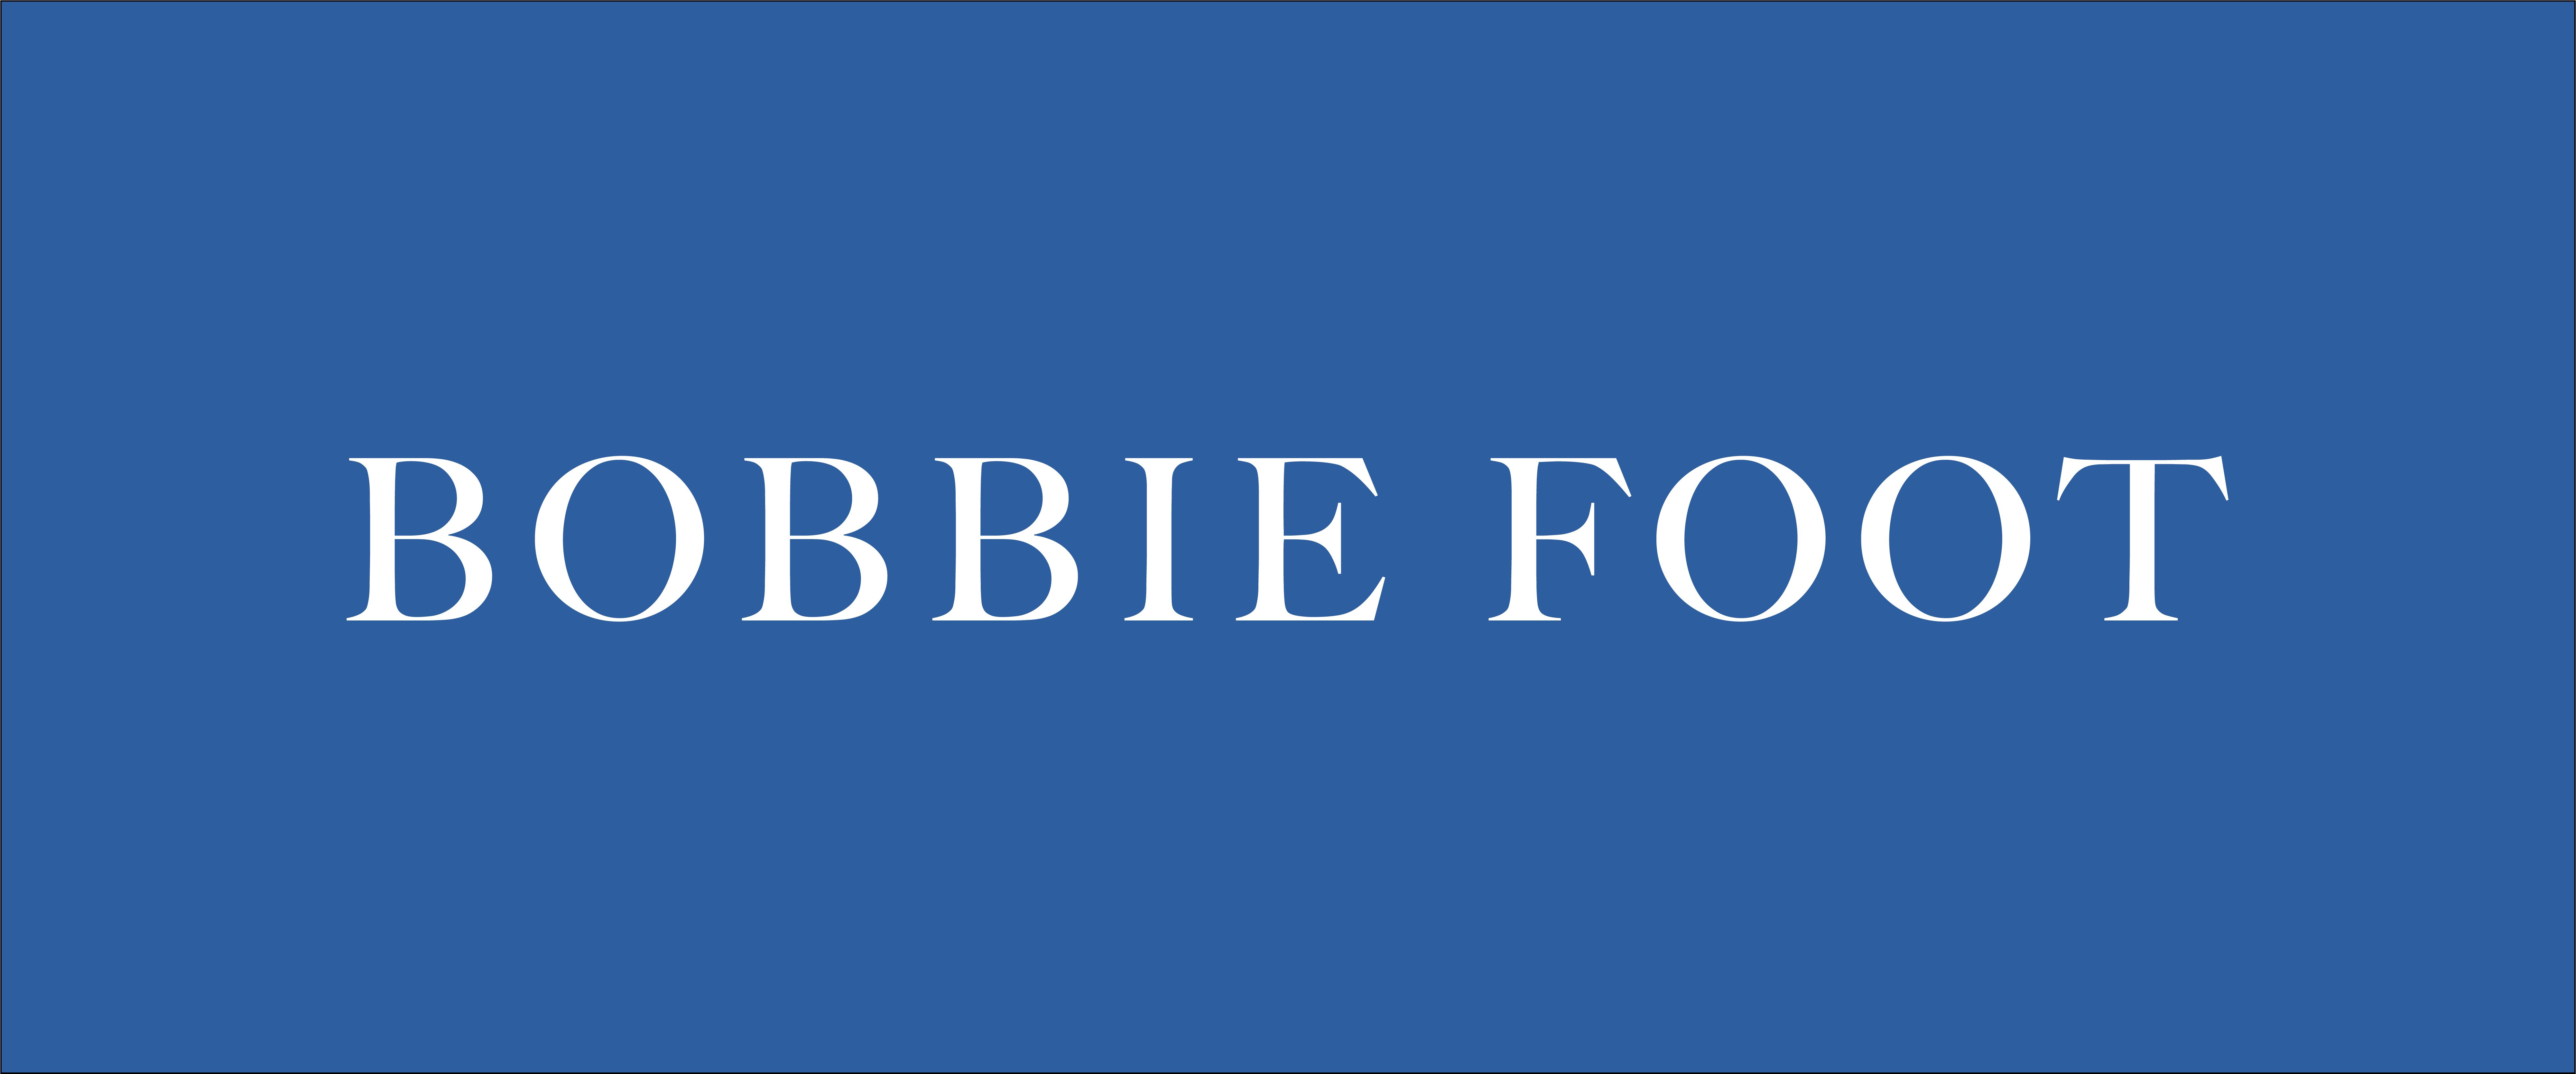 Bobbie Foot Logo